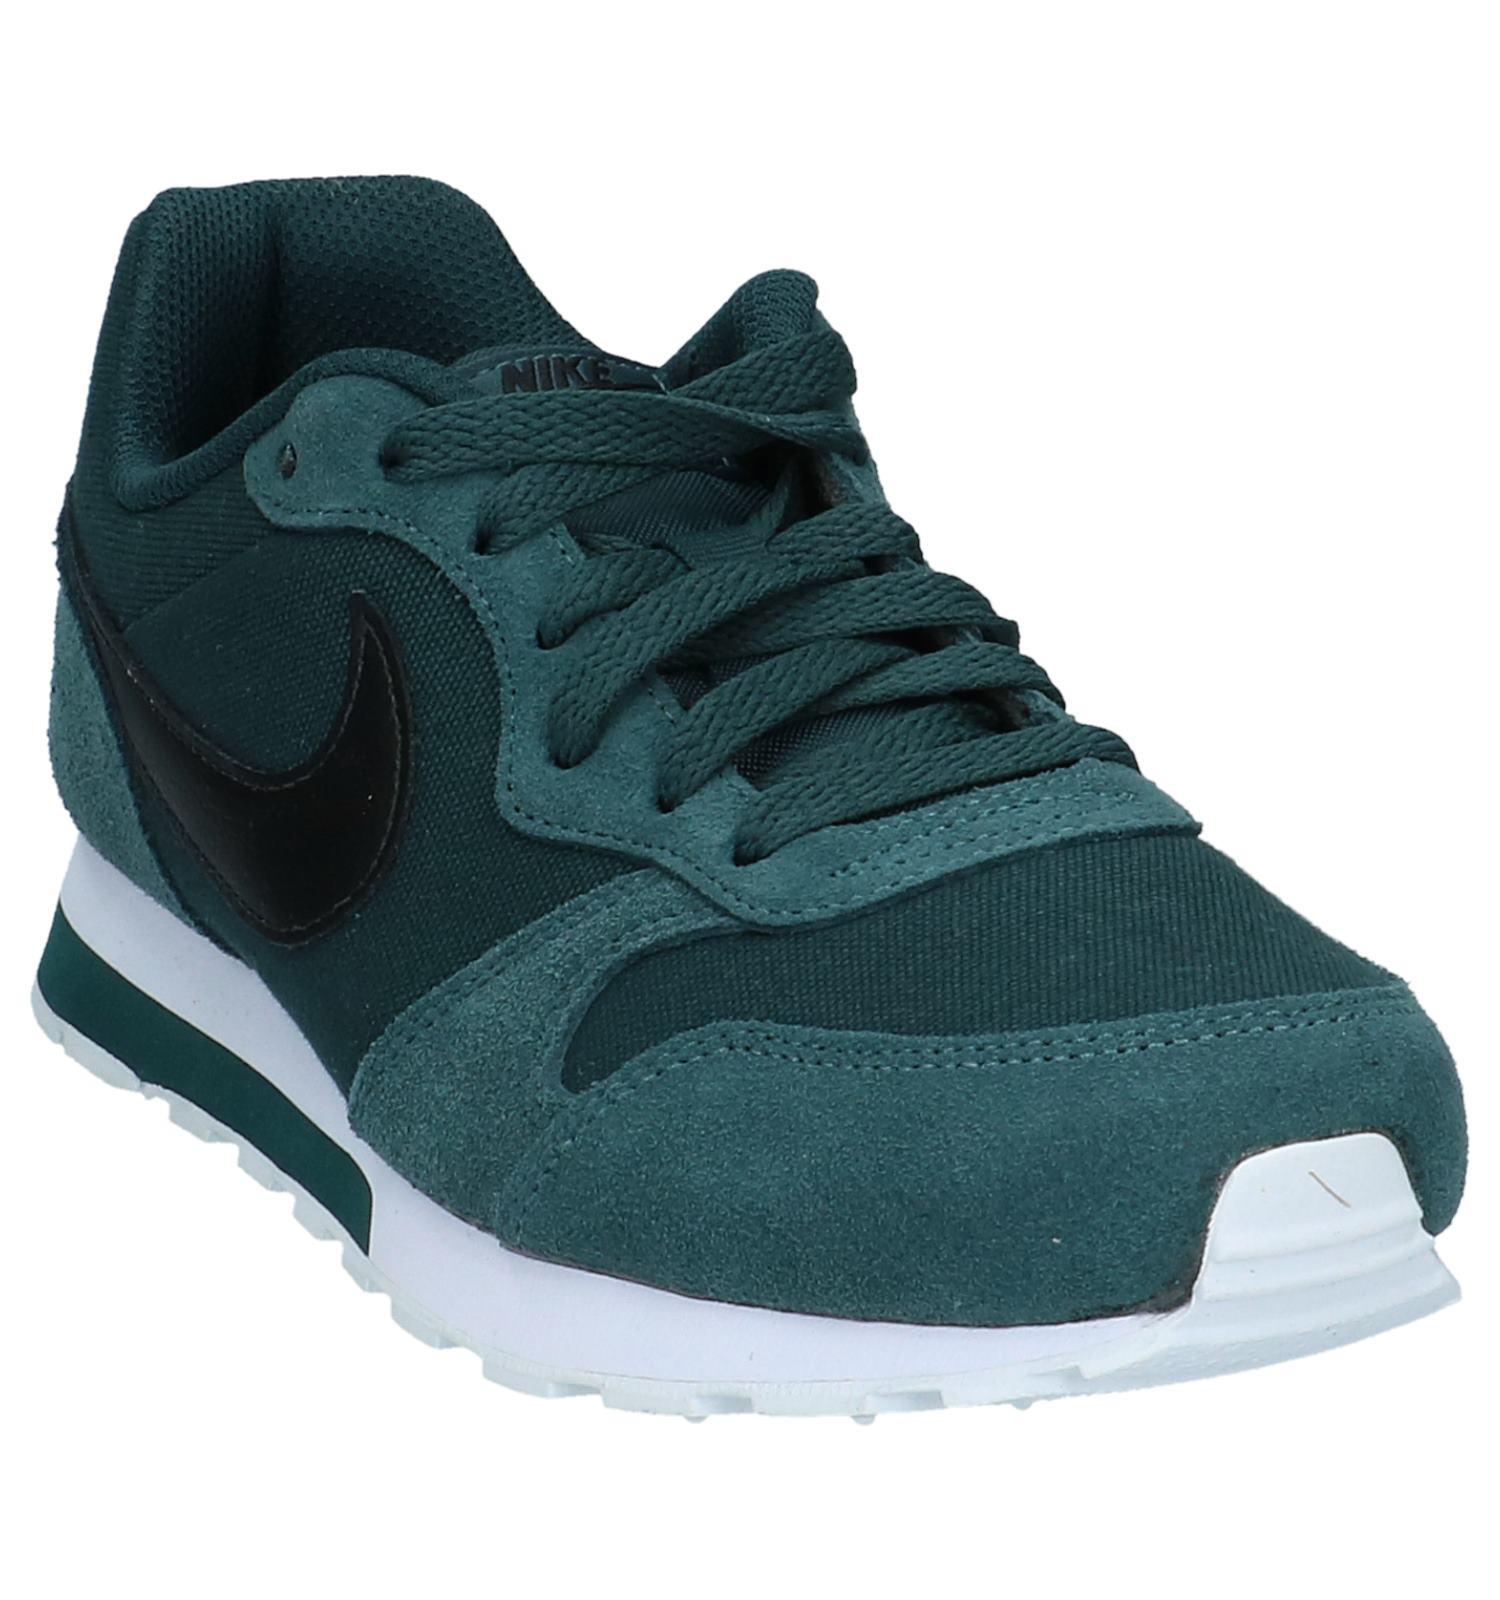 new concept e2816 dad7e Nike MD Runner Donker Groene Sneakers  TORFS.BE  Gratis verzend en retour